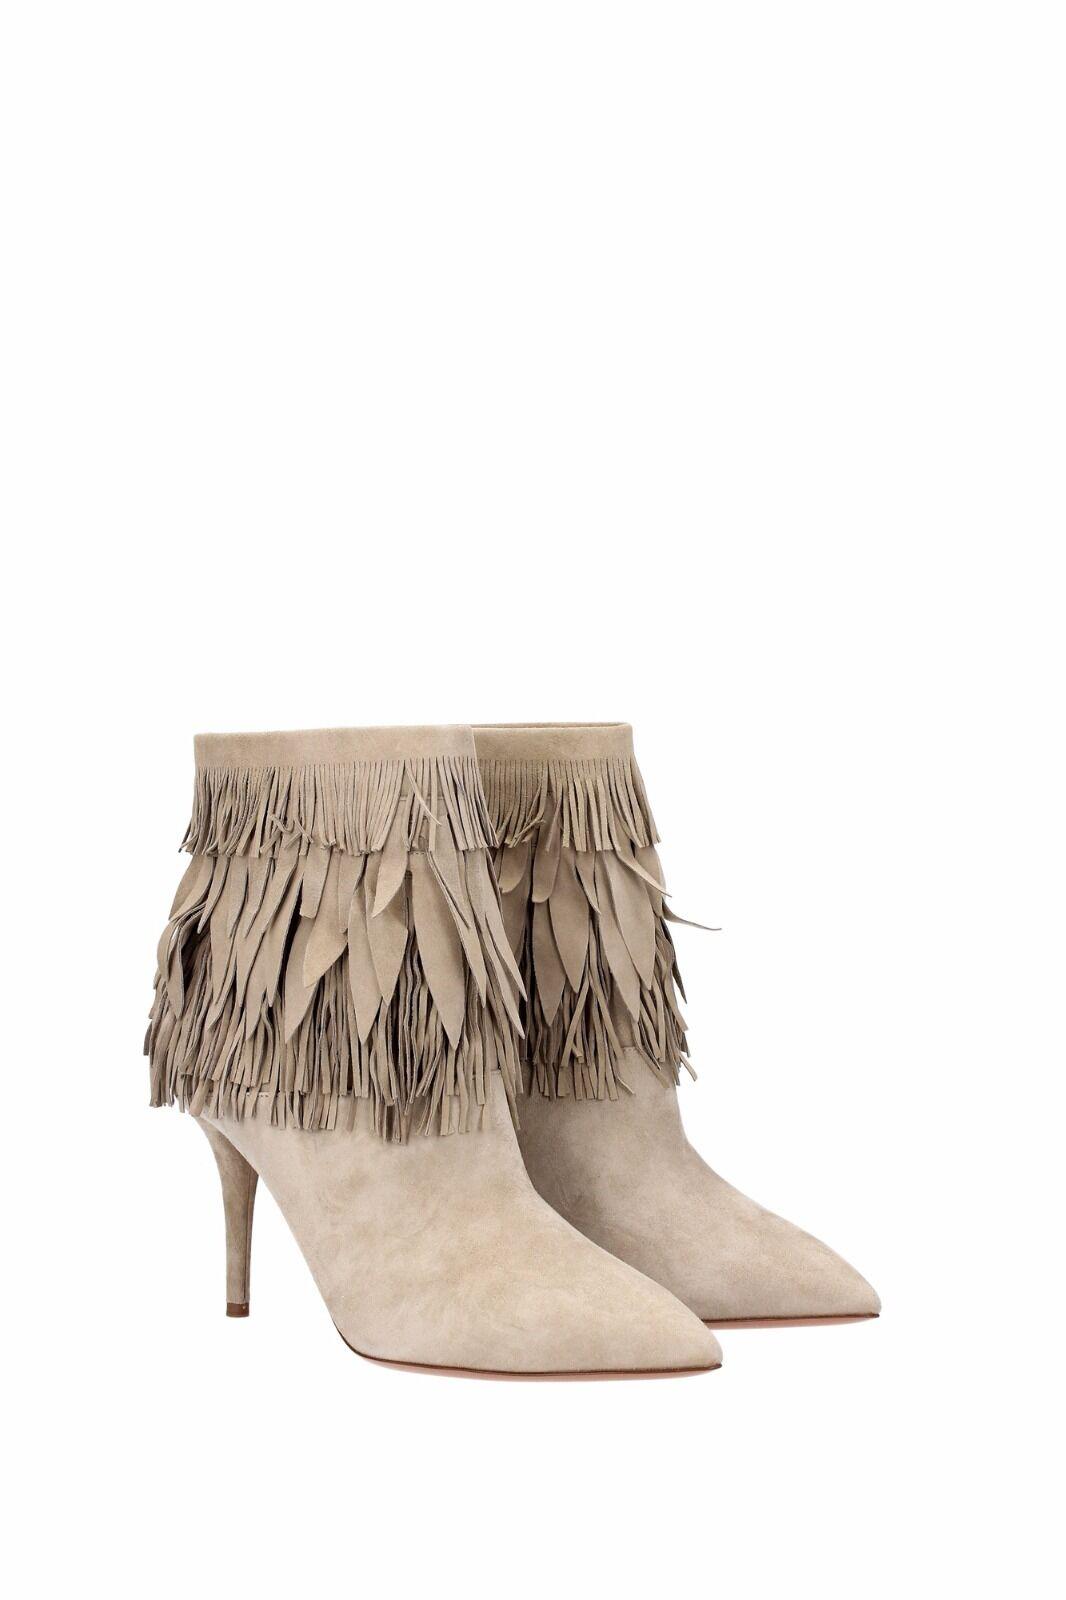 AQUAZZURA Sasha Sasha Sasha Fringe Beige grau Ankle Stiefelies Suede Stiefel 37 US 7 fba503